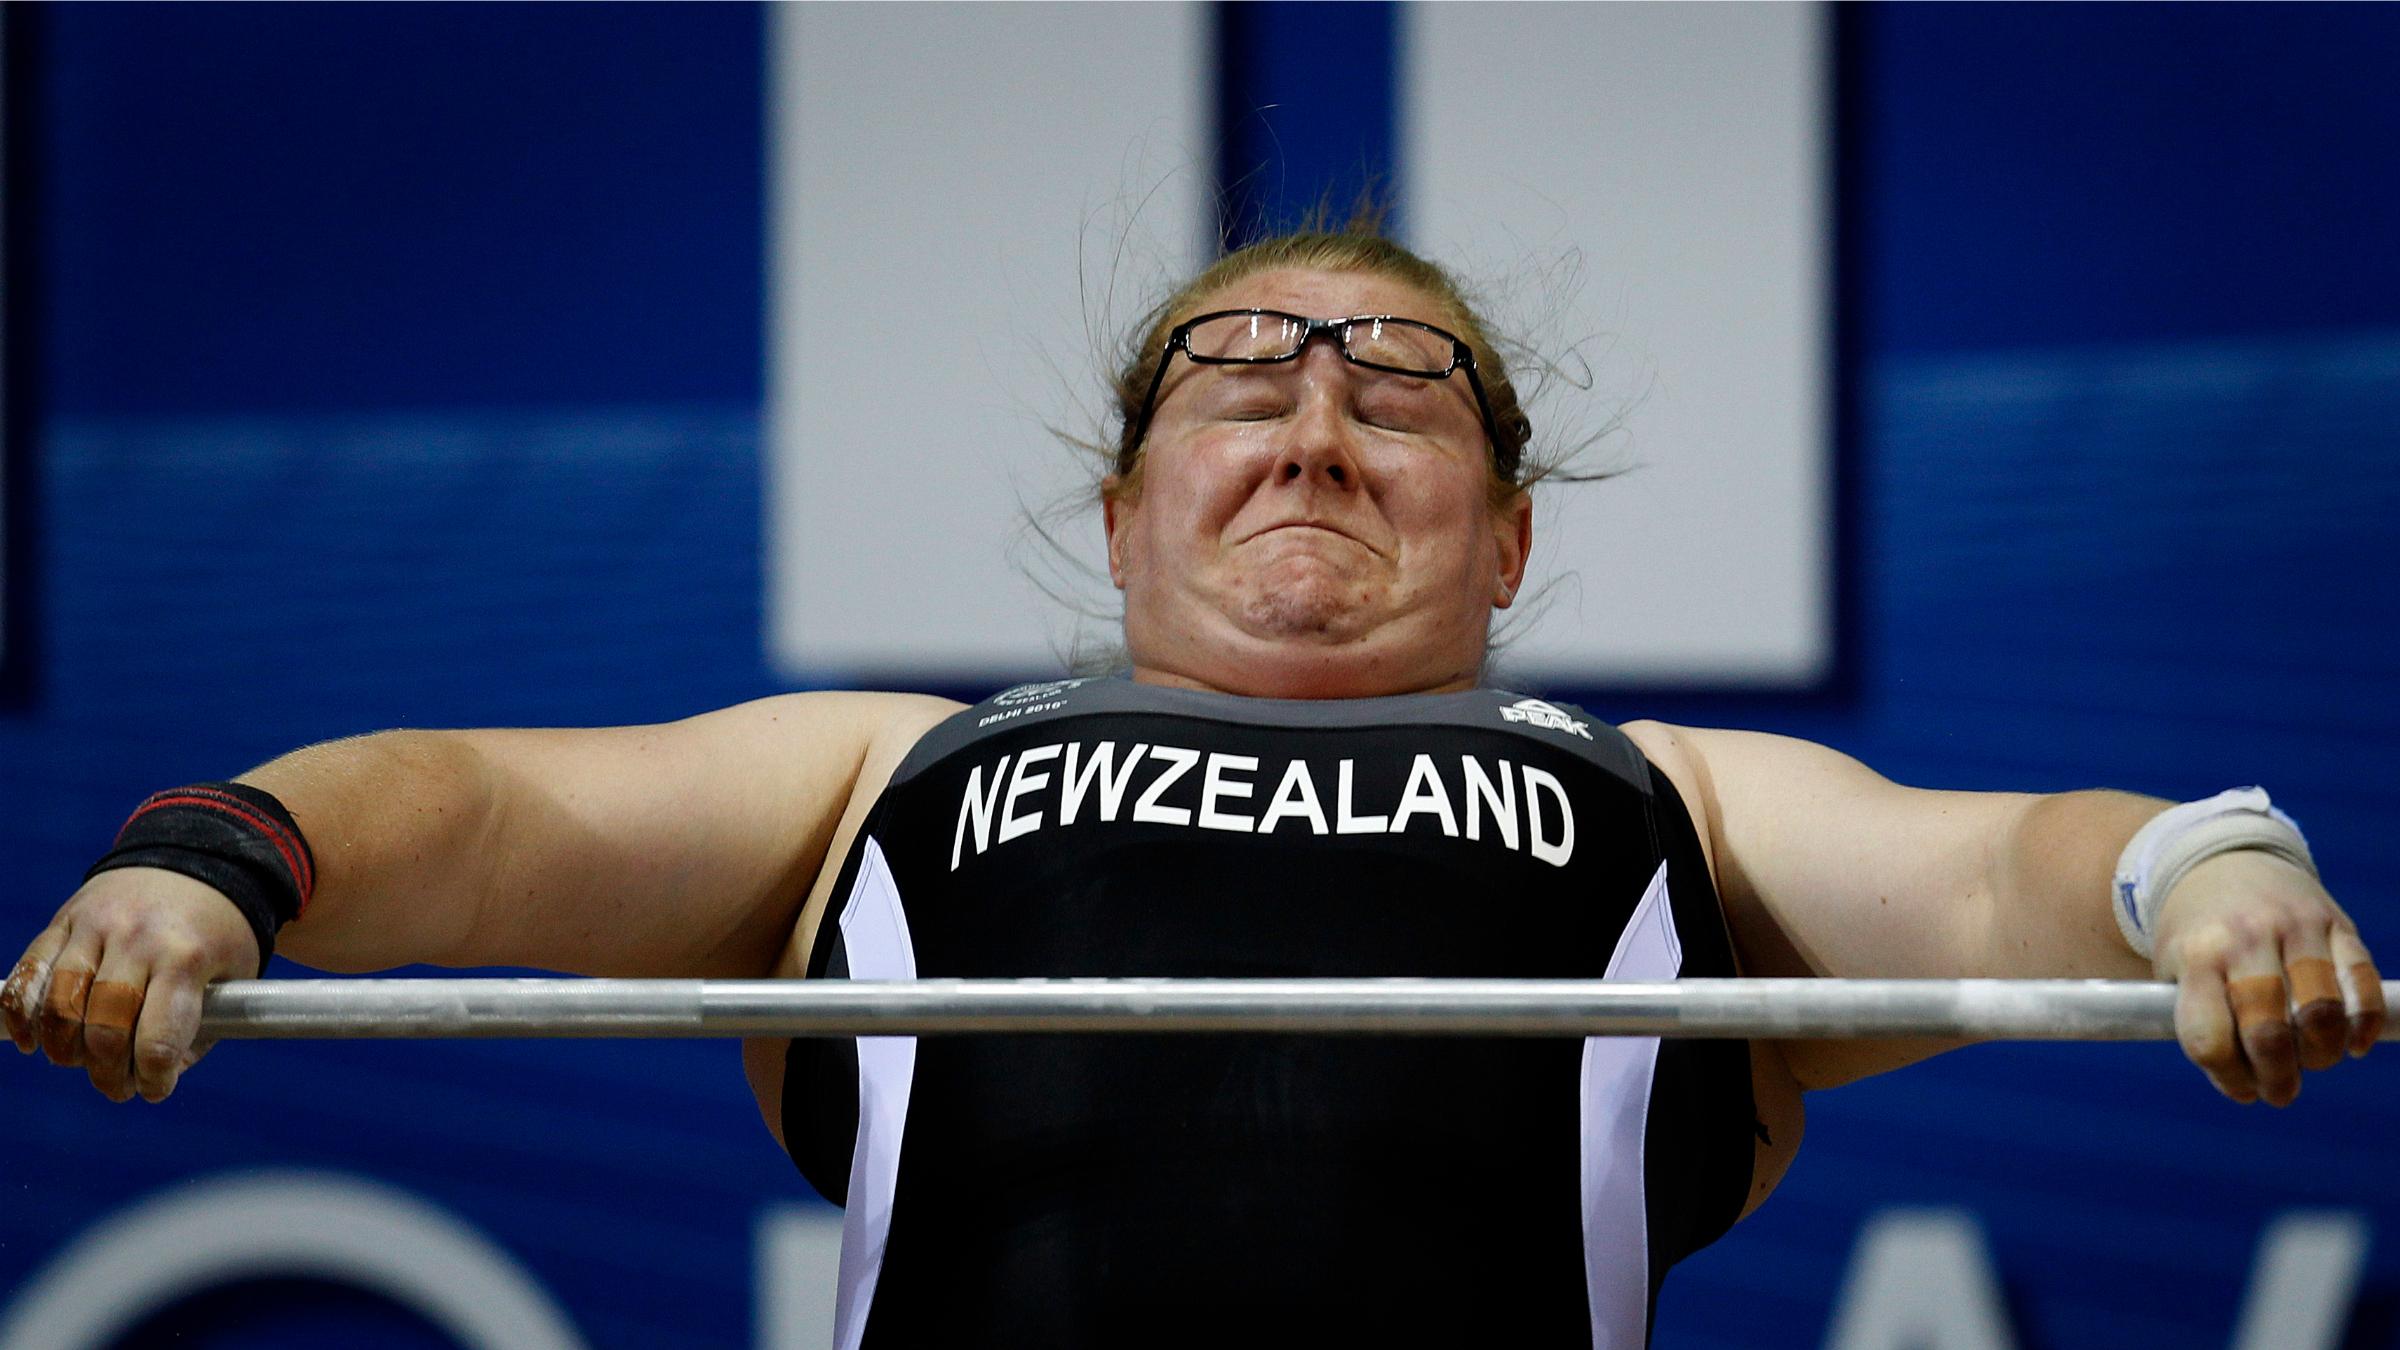 New Zealand weight lifter